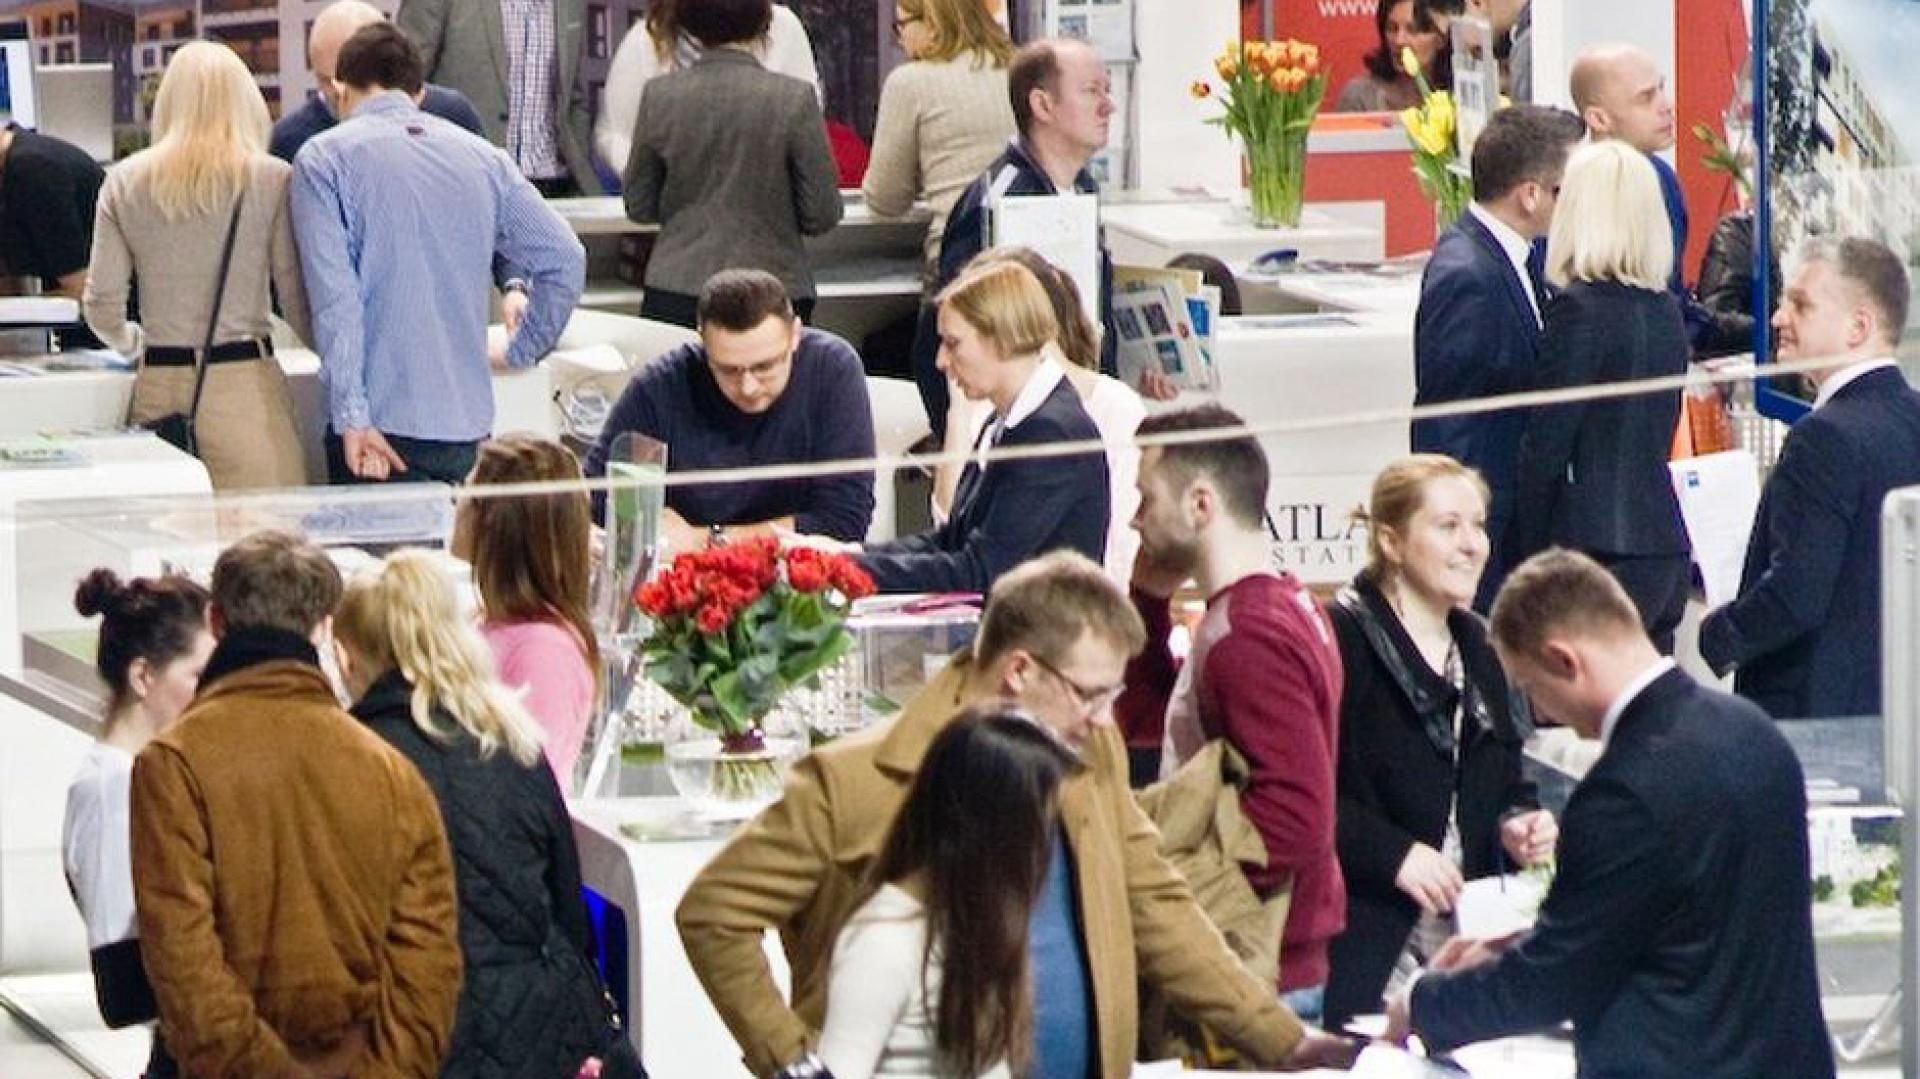 W ramach targów mieszkaniowych ponad 20 biur nieruchomości z Warszawskiego Stowarzyszenia Pośredników w Obrocie Nieruchomościami zaprezentuje aktualne oferty mieszkań, domów i działek w ramach Centrum Rynku Wtórnego i Ofert Inwestycyjnych WSPON. Fot. Targi Nowy DOM Nowe Mieszkanie.